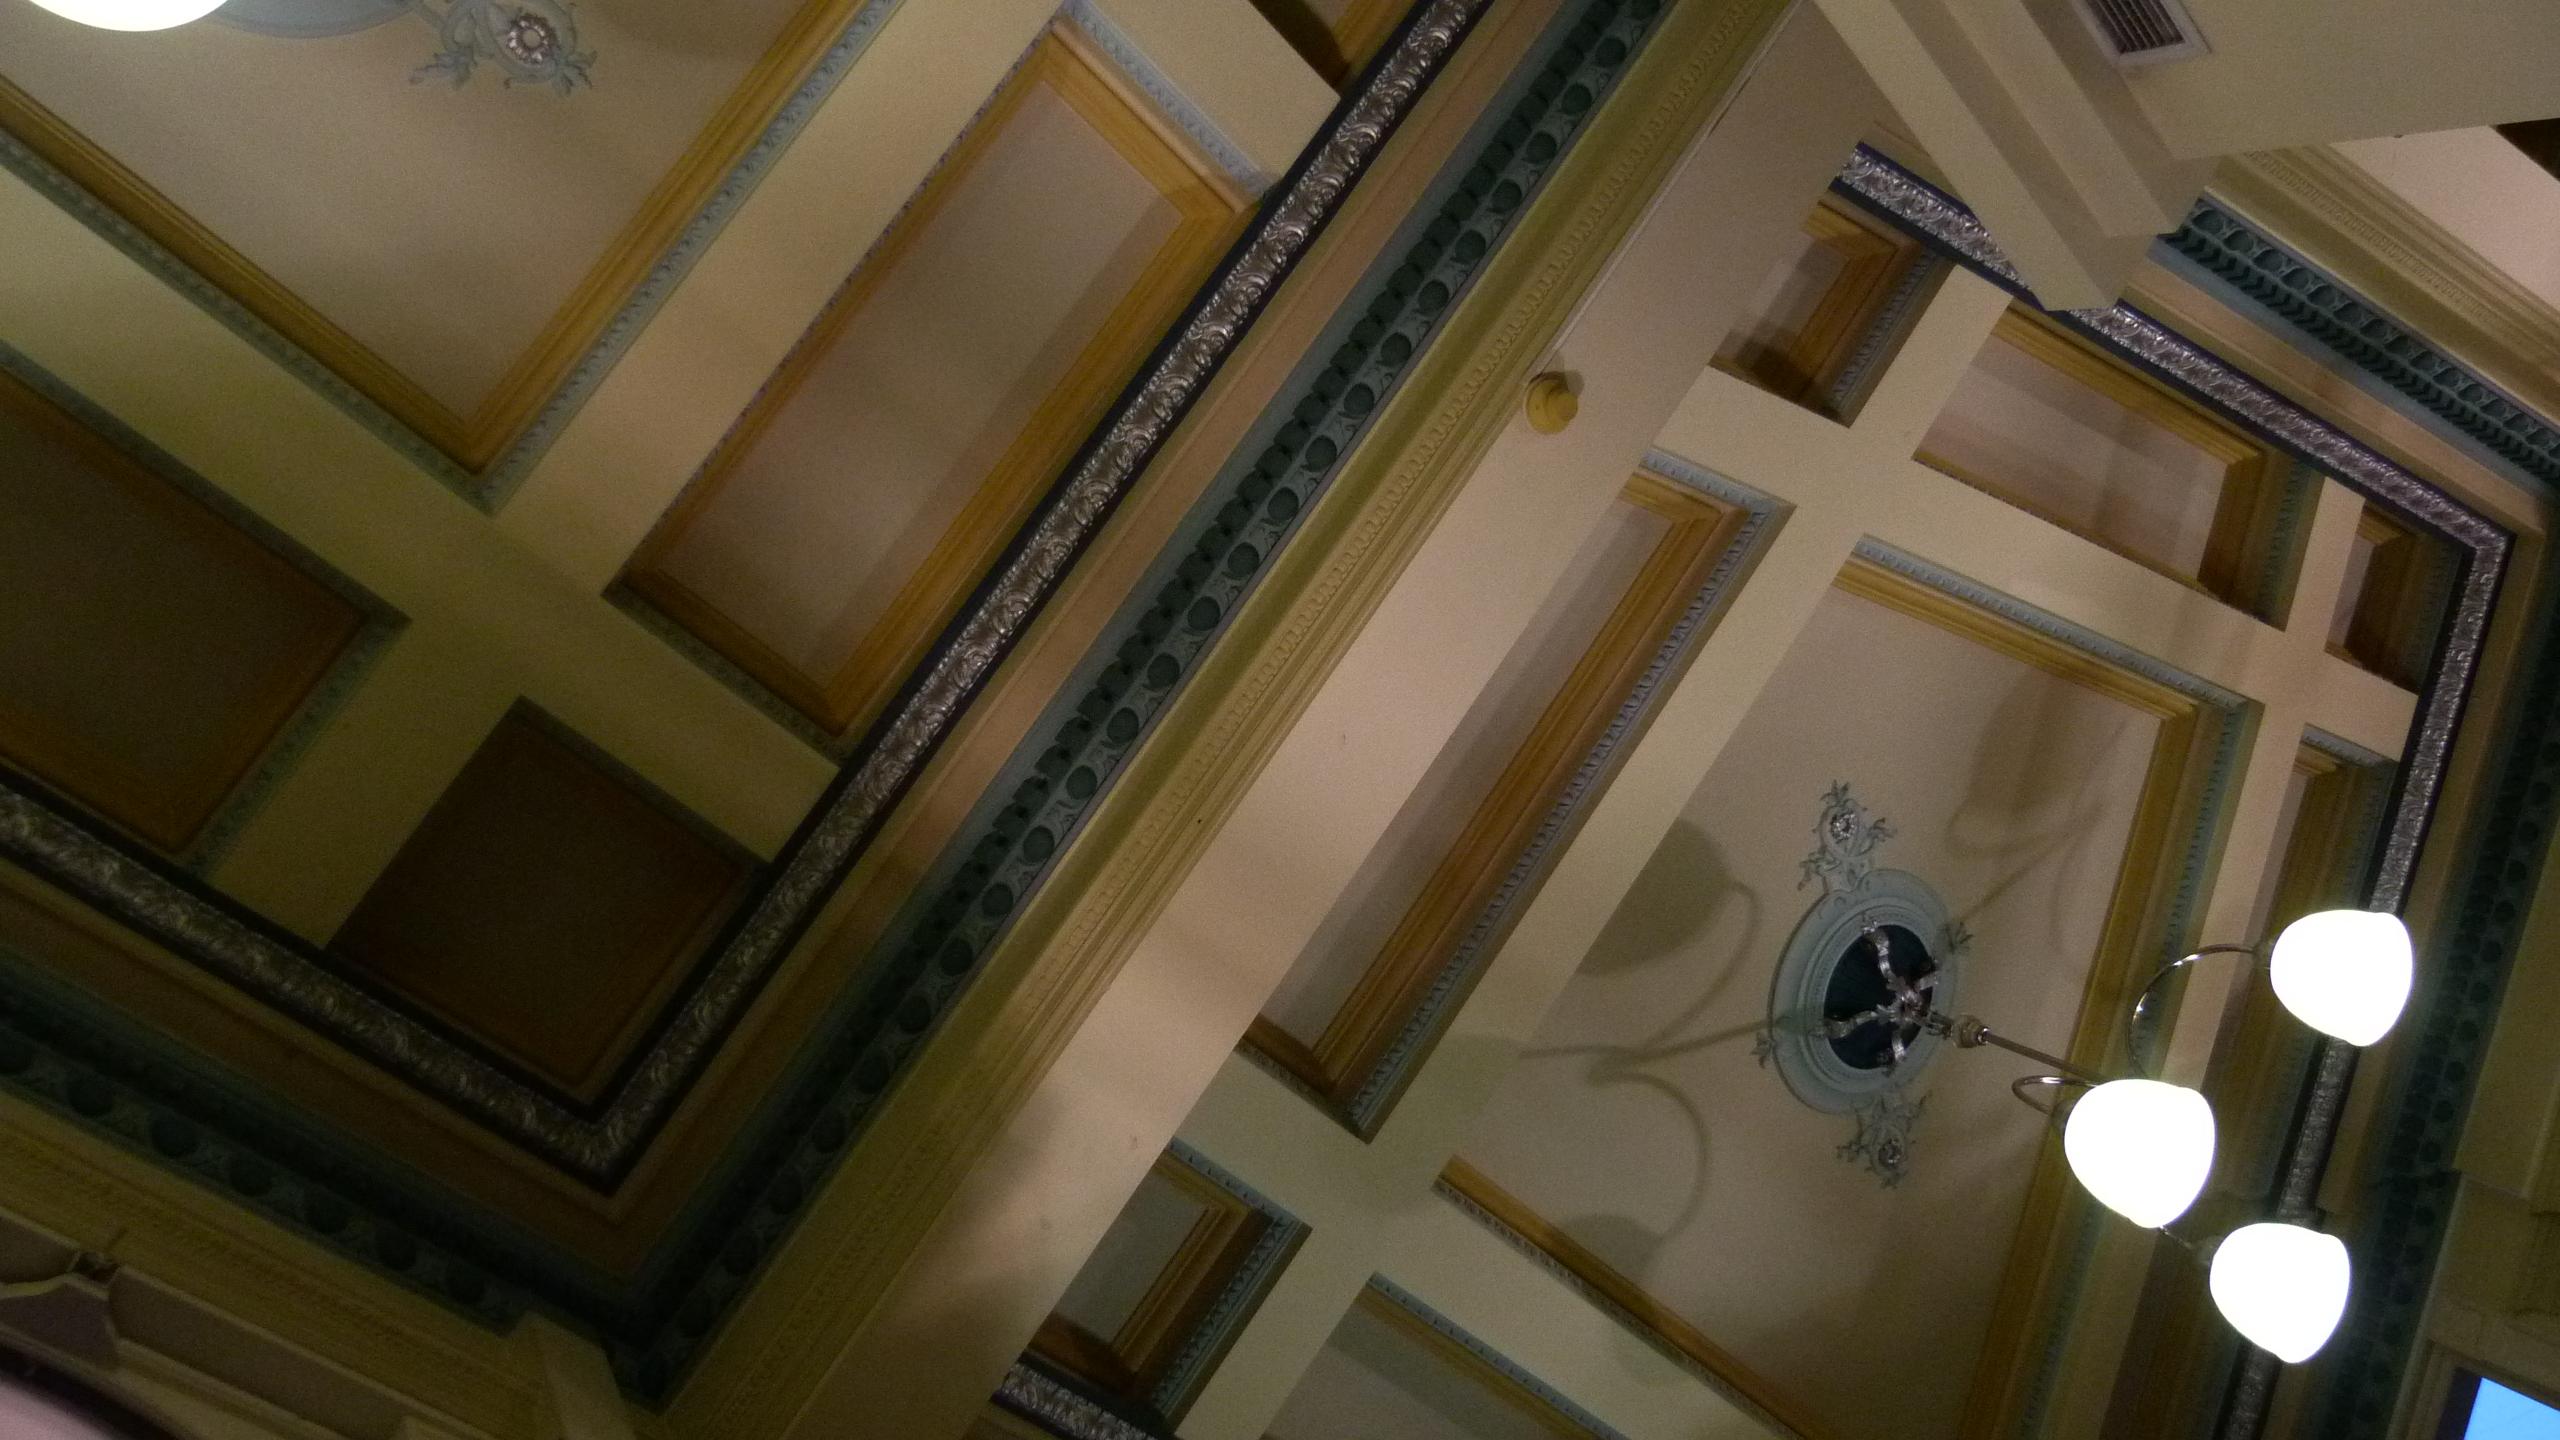 Beautiful Ceilings Here Too